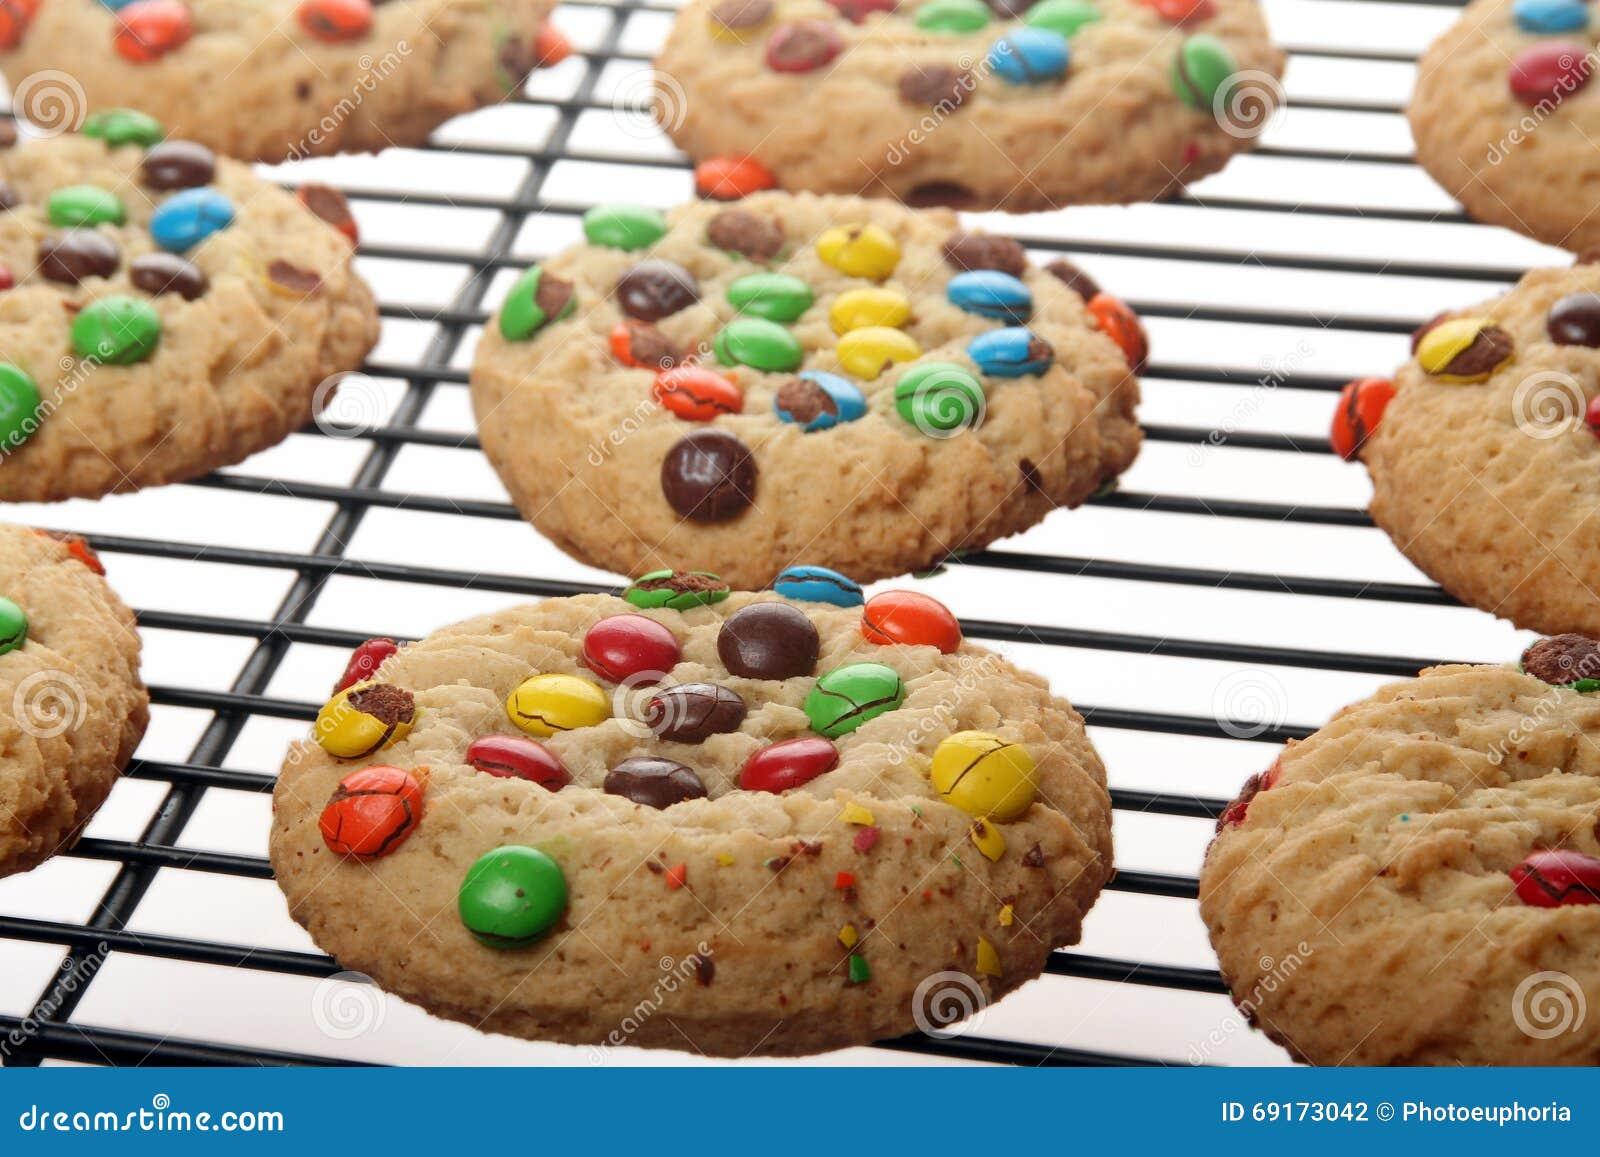 Biscuits de bonbons au chocolat